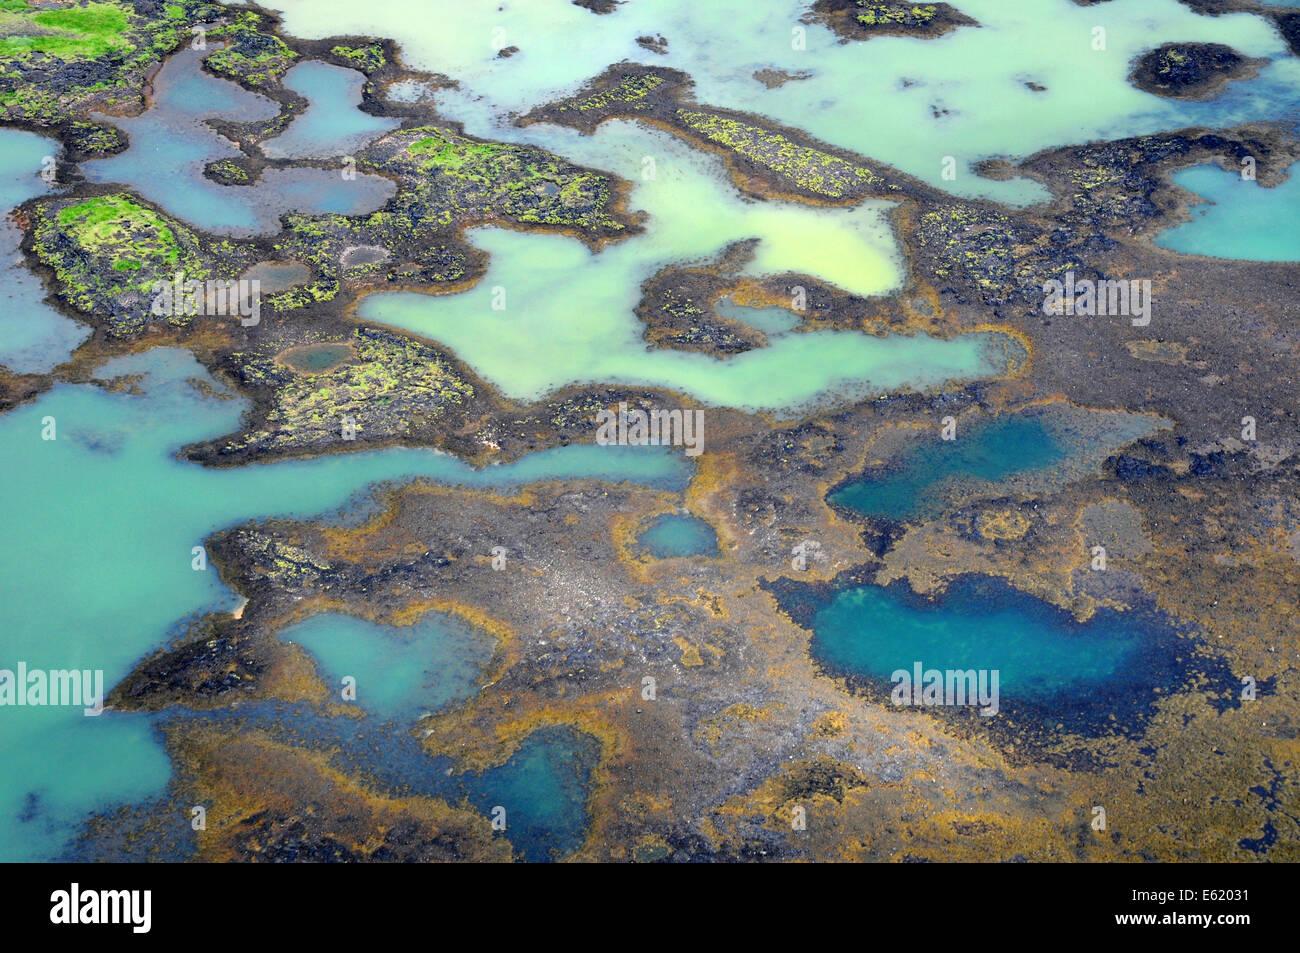 Foto aérea de delta patrones de derretimiento del glaciar en la desembocadura del río Olfusa en el suroeste Imagen De Stock